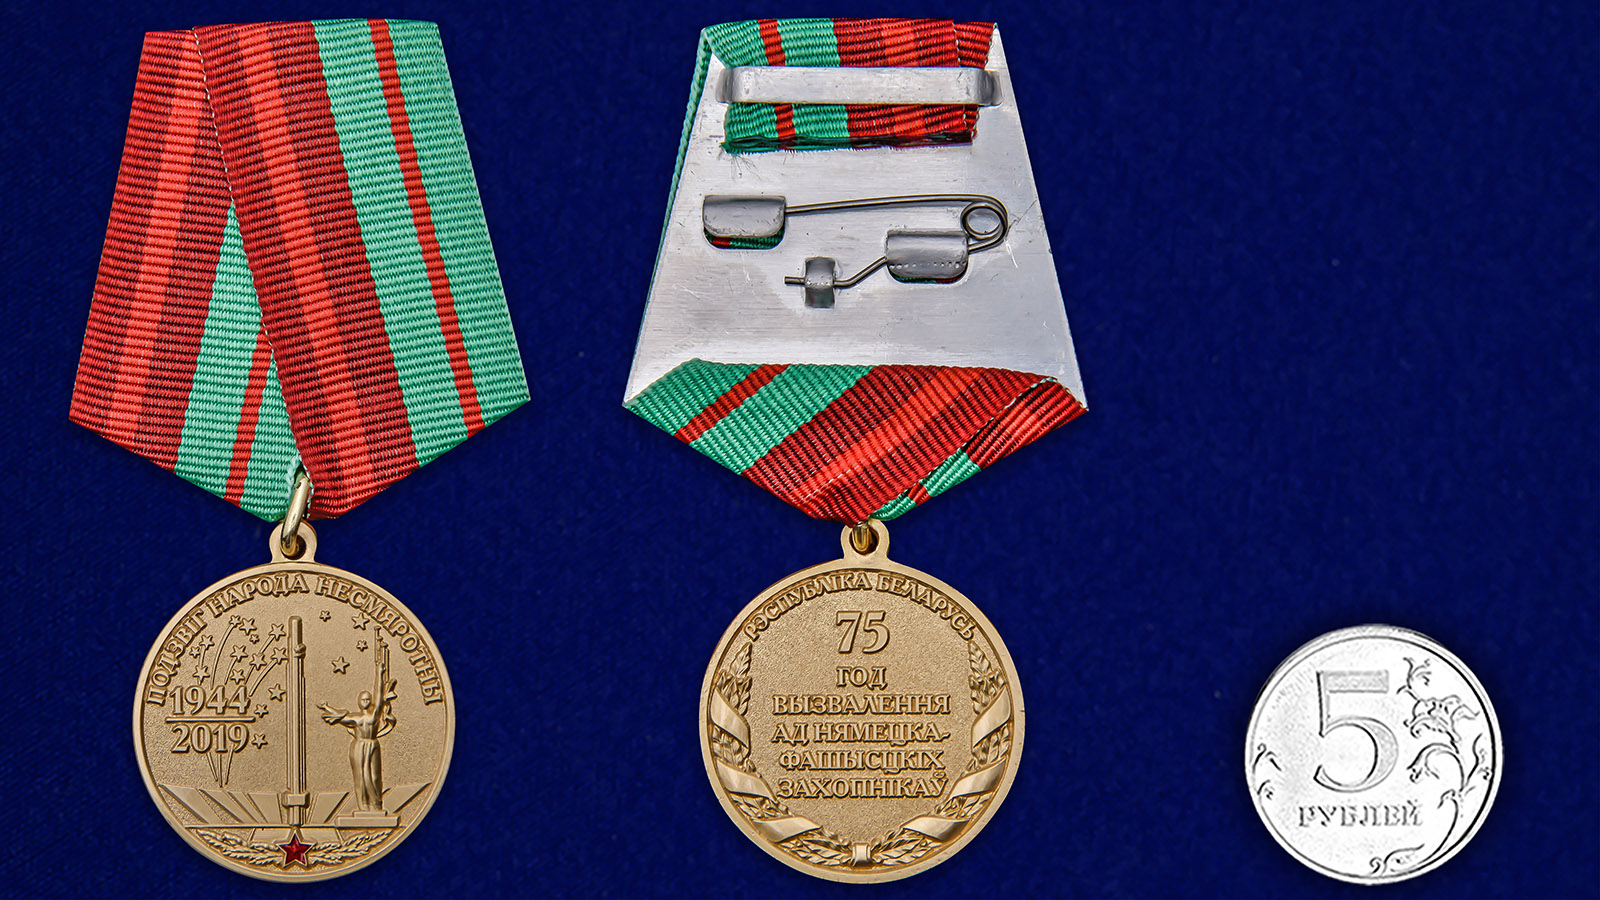 Юбилейная медаль 75 лет освобождения Беларуси от немецко-фашистских захватчиков - сравнительный вид